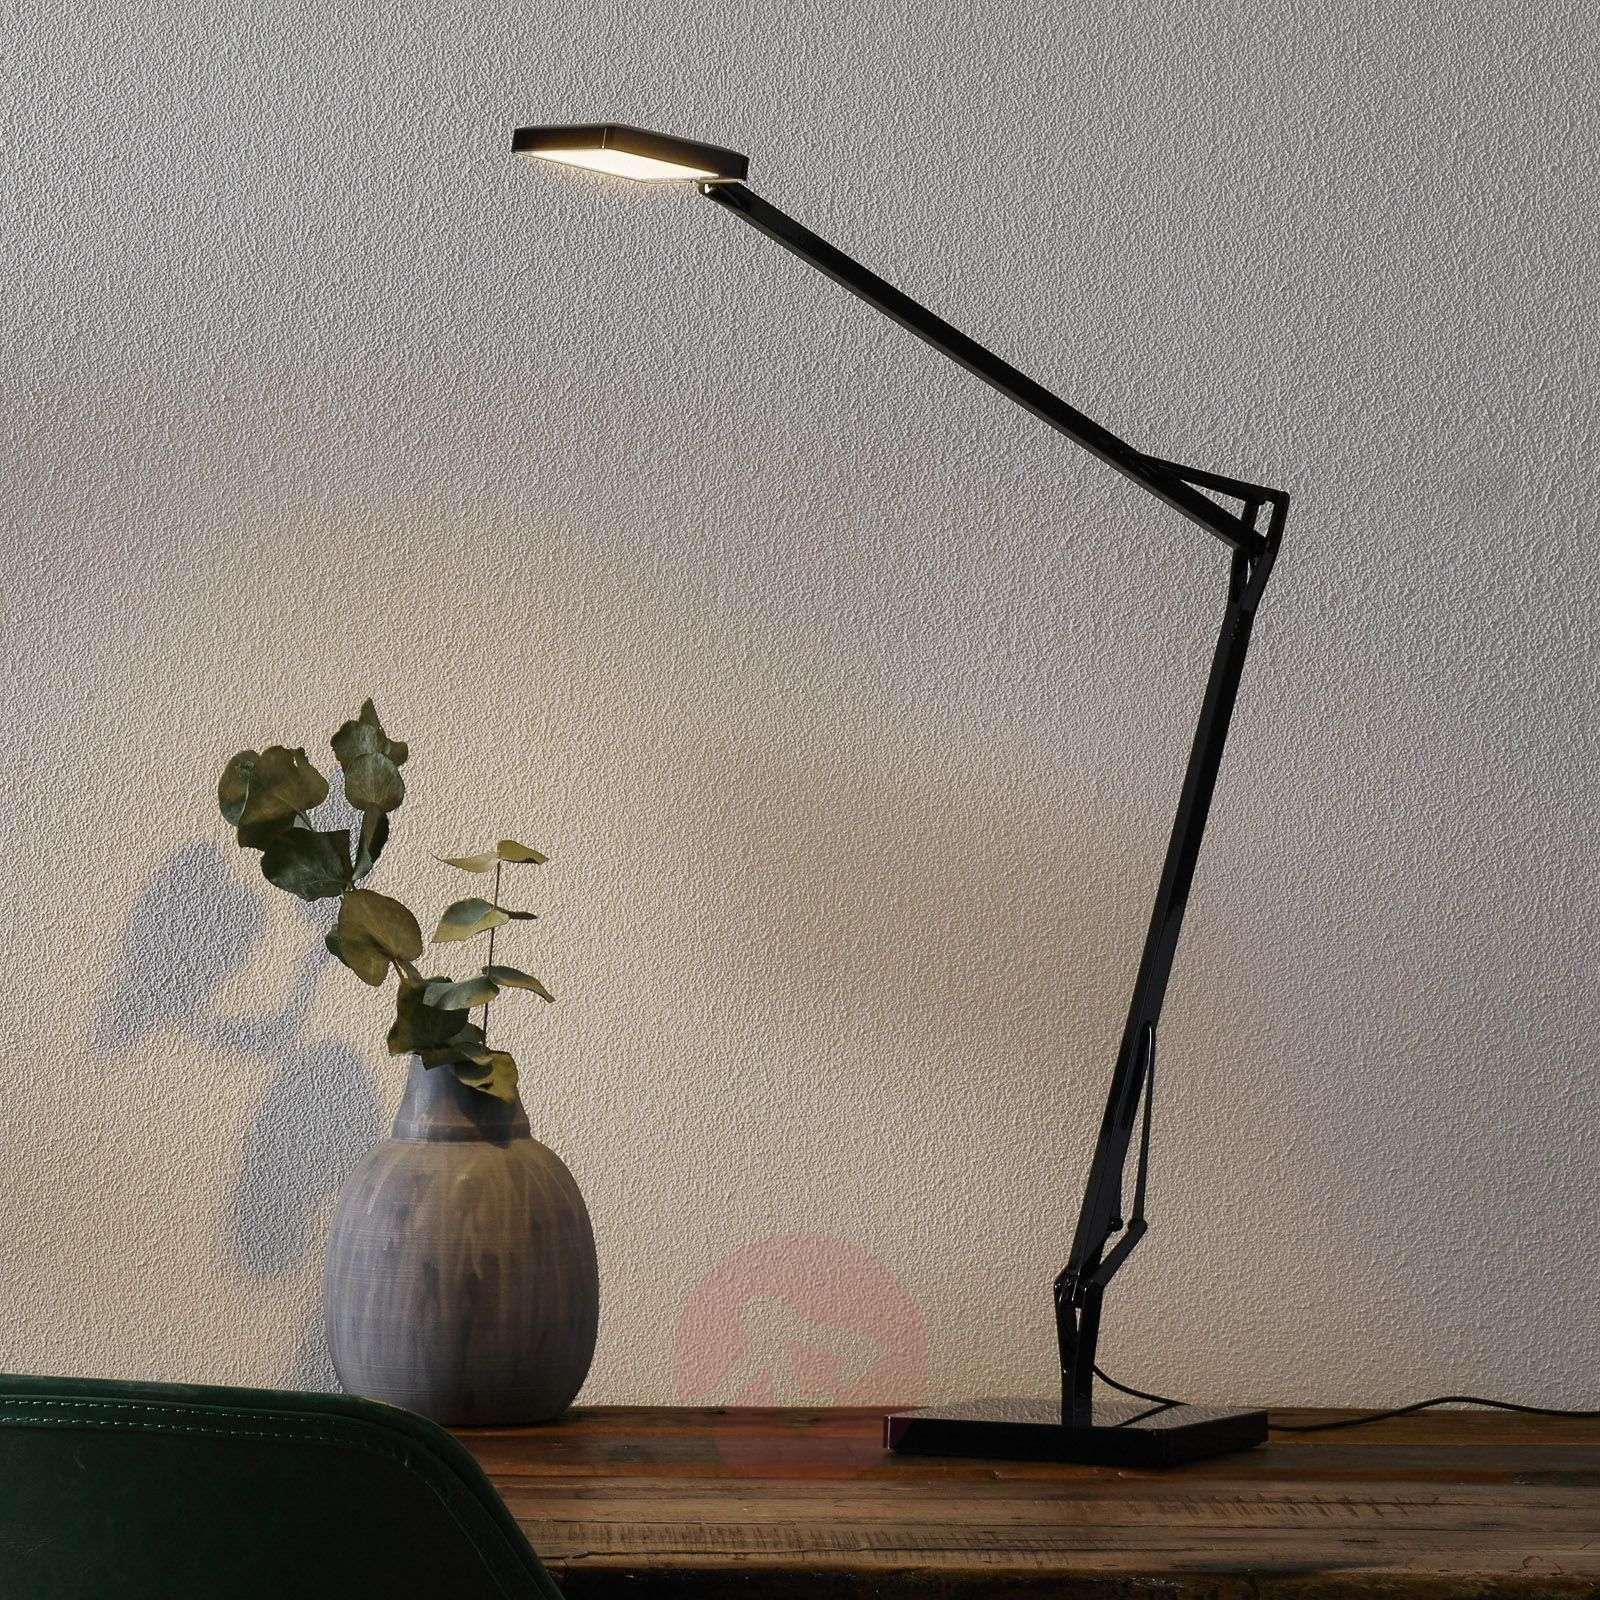 Kelvin Edge-LED-kirjoituspöytälamppu, musta-3510353-01